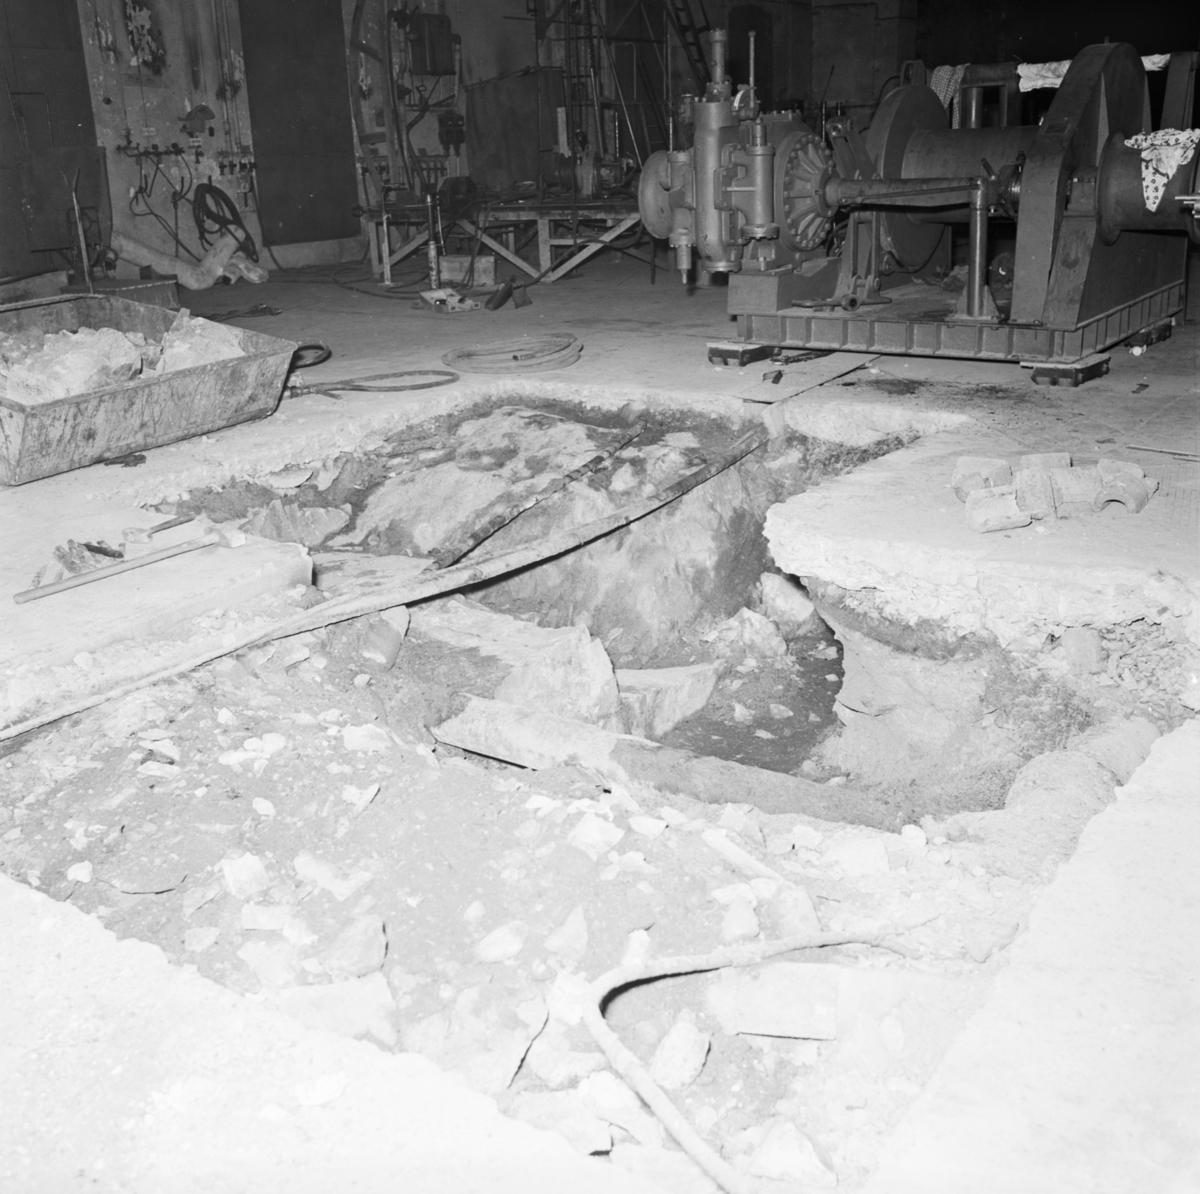 Övrigt: Foto datum: 13/9 1966 Byggnader och kranar Fondamentgrop för bogerspel